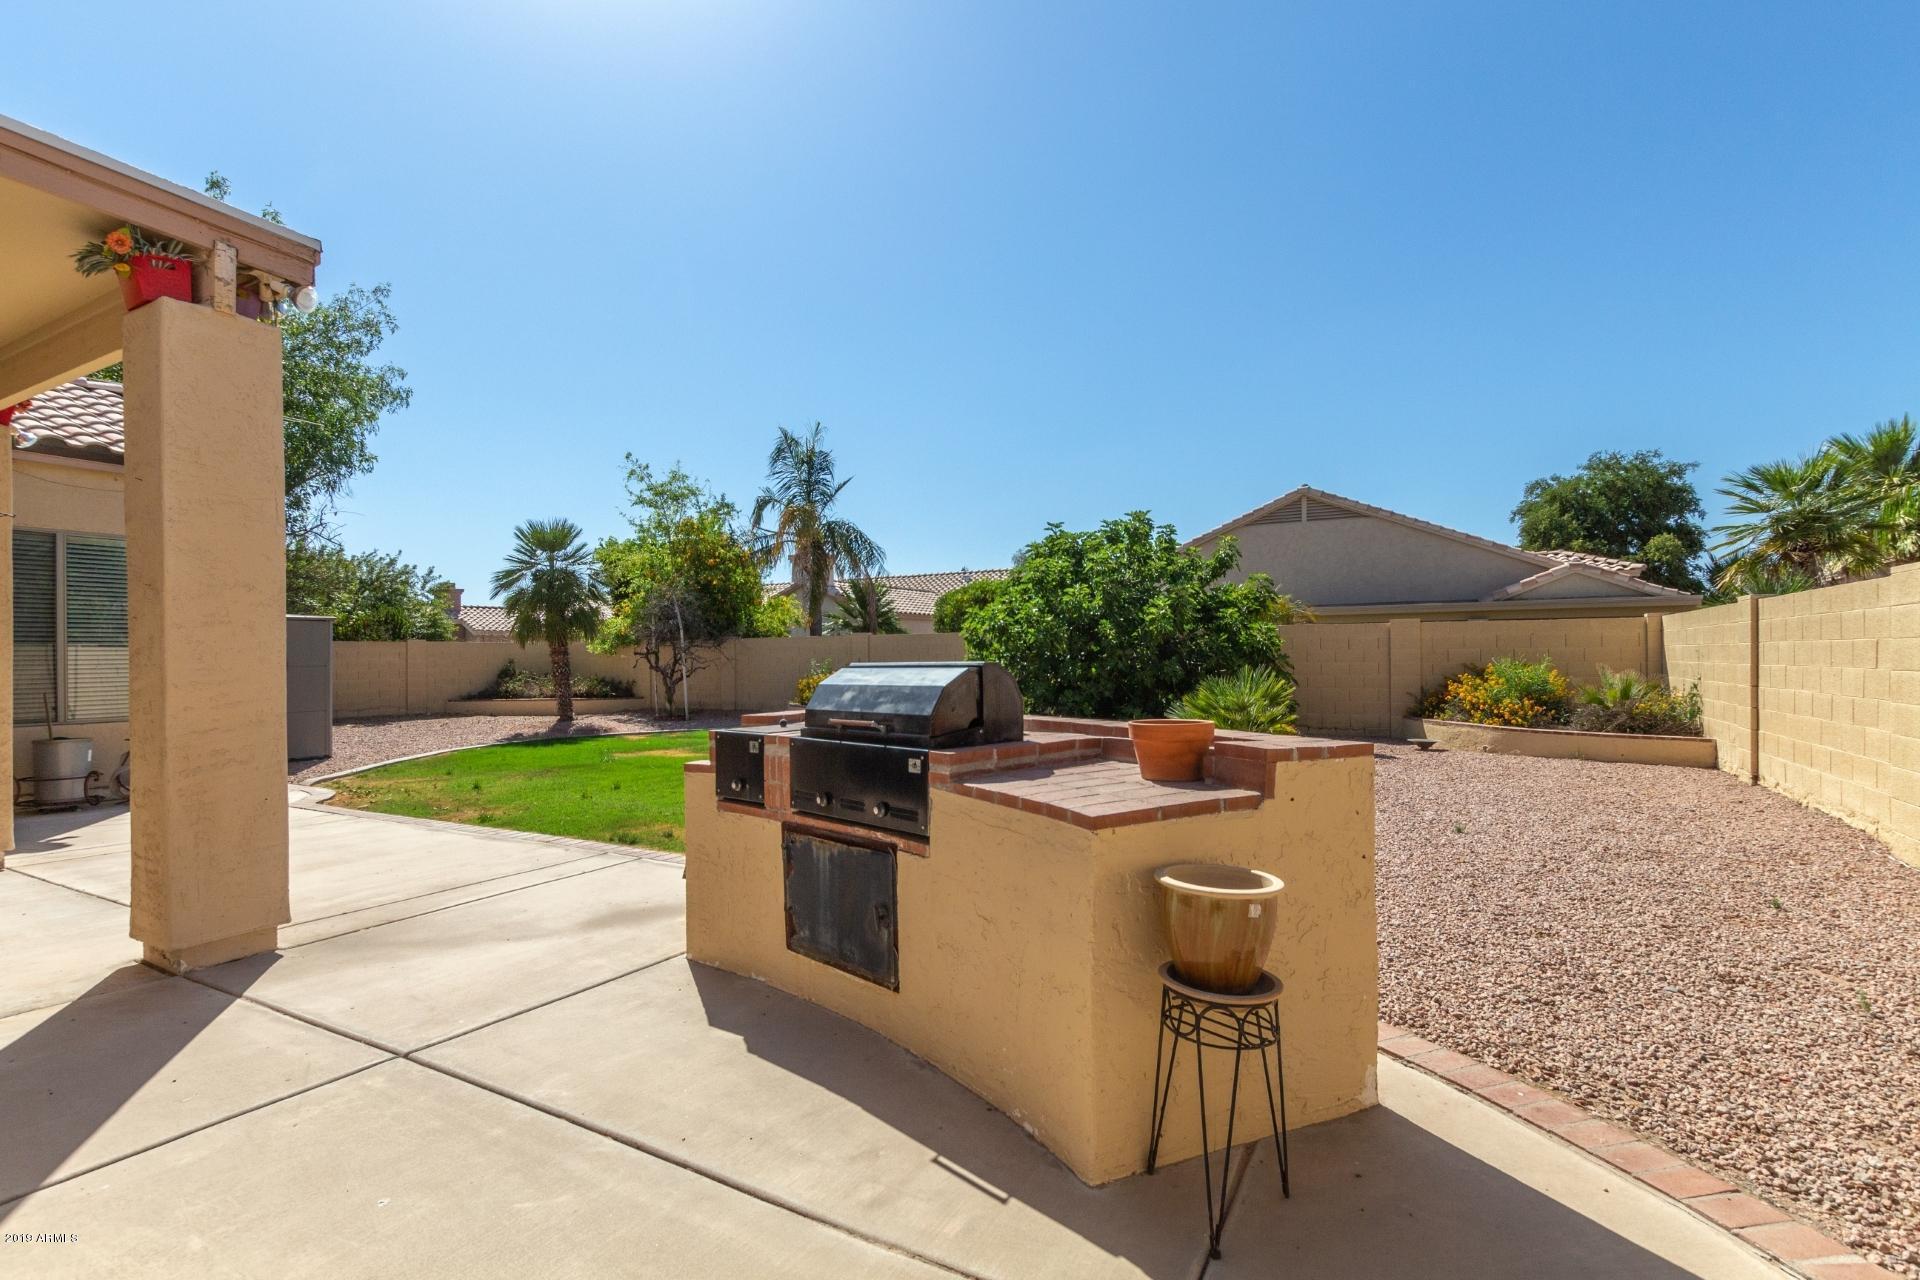 MLS 5936047 1796 W CANARY Way, Chandler, AZ 85286 Chandler AZ Clemente Ranch